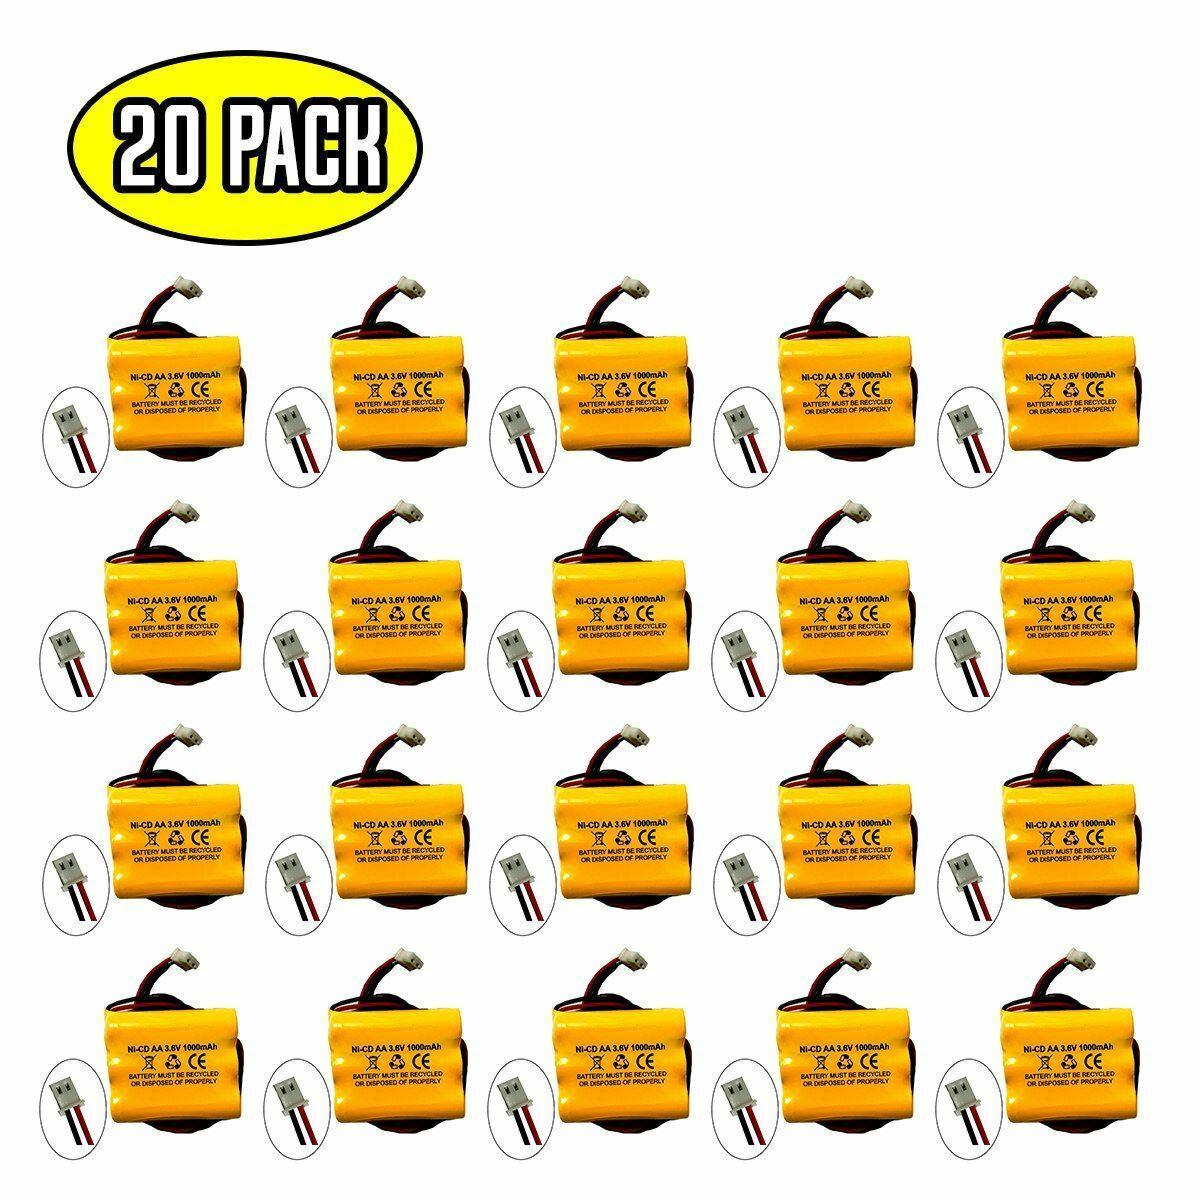 (20 pack) 3.6v 1000mAh Ni-CD Battery for Emergency / Exit Light